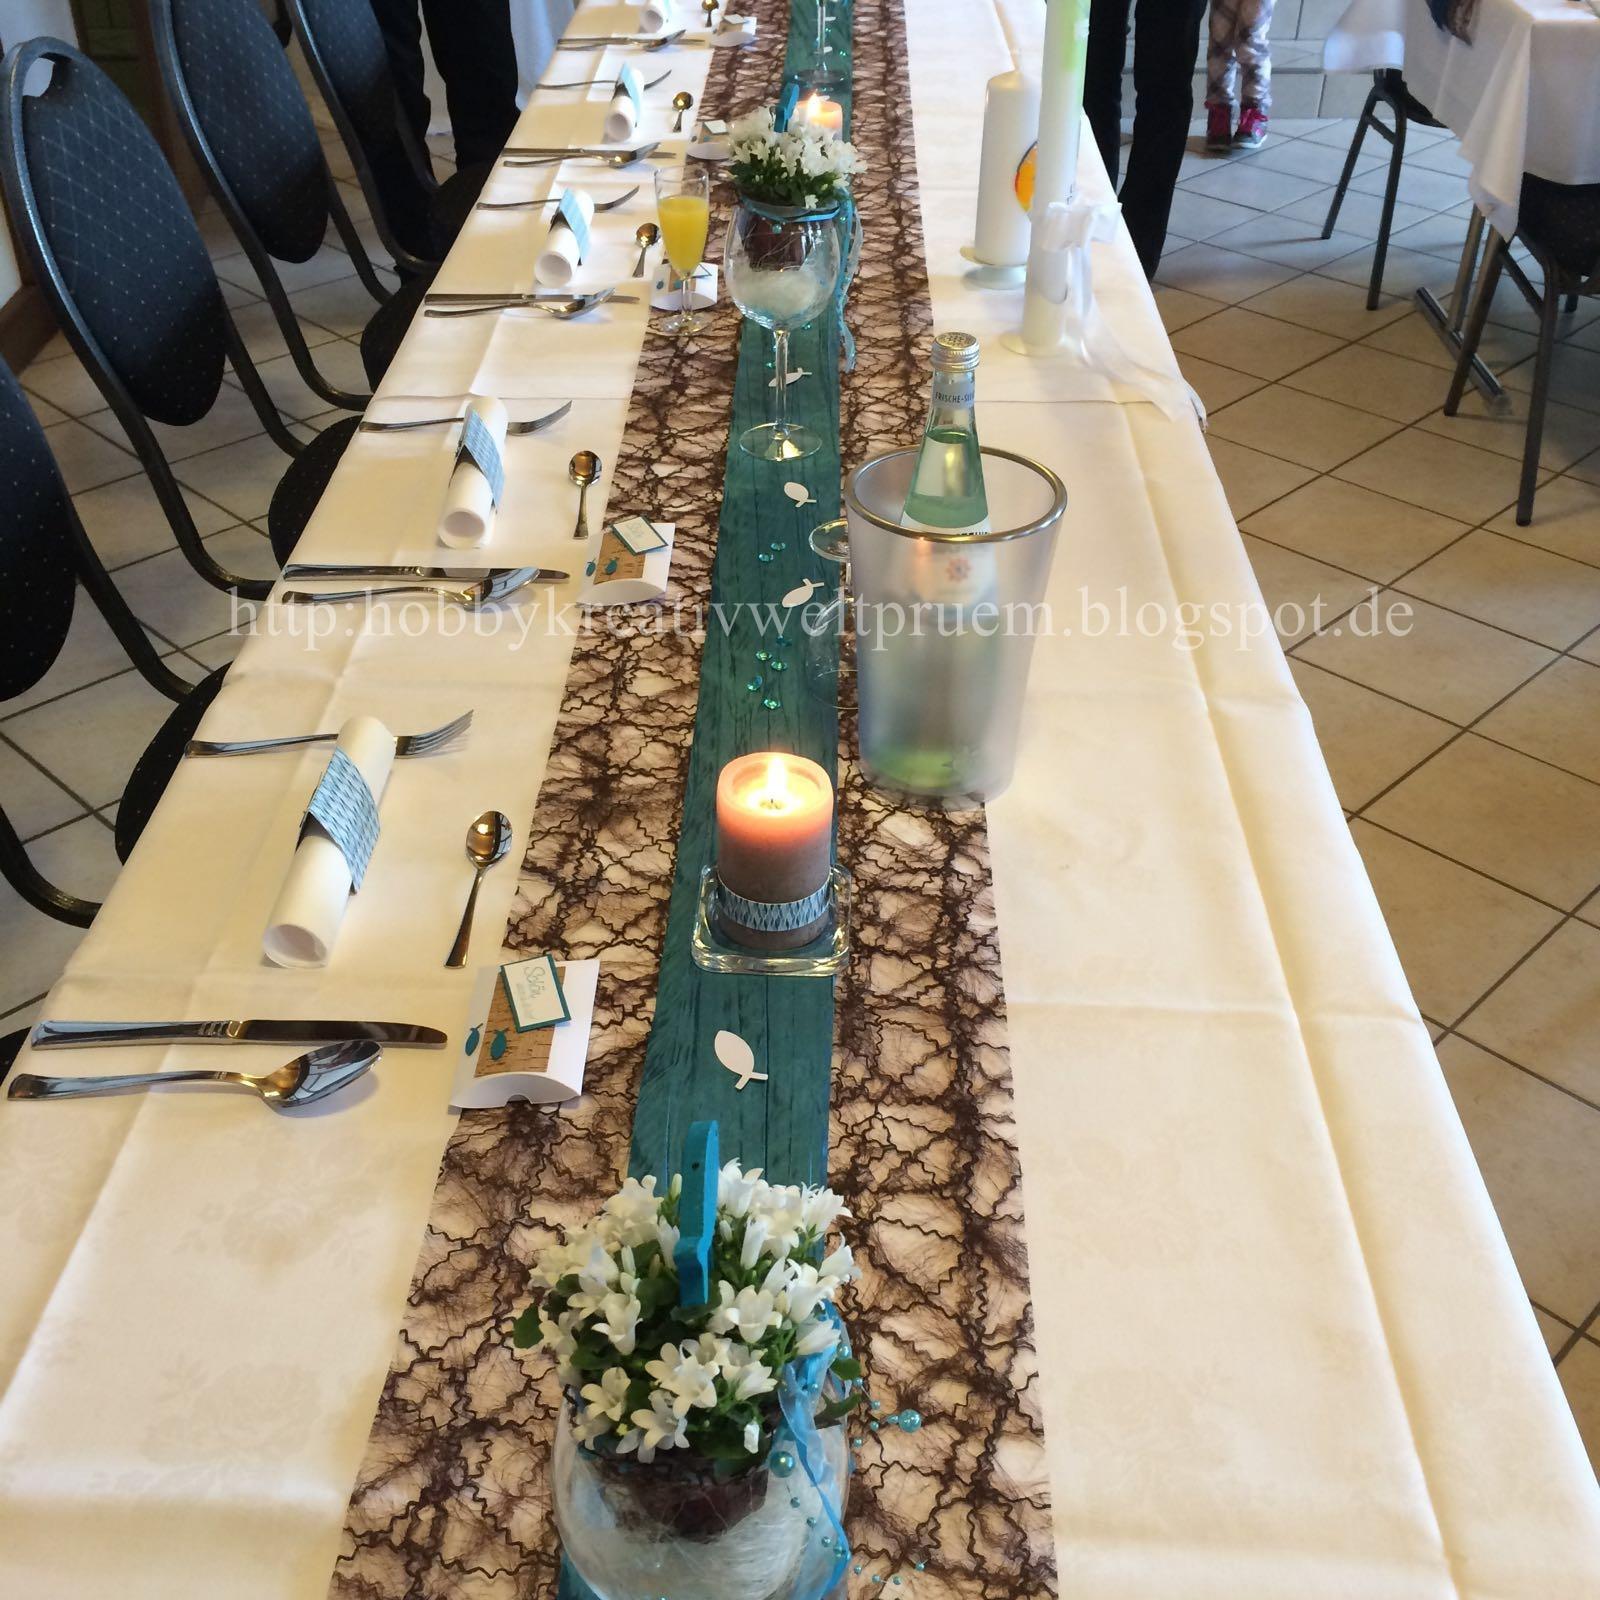 Hobby Kreativ Welt Tischdekoration In Petrol Und Braun